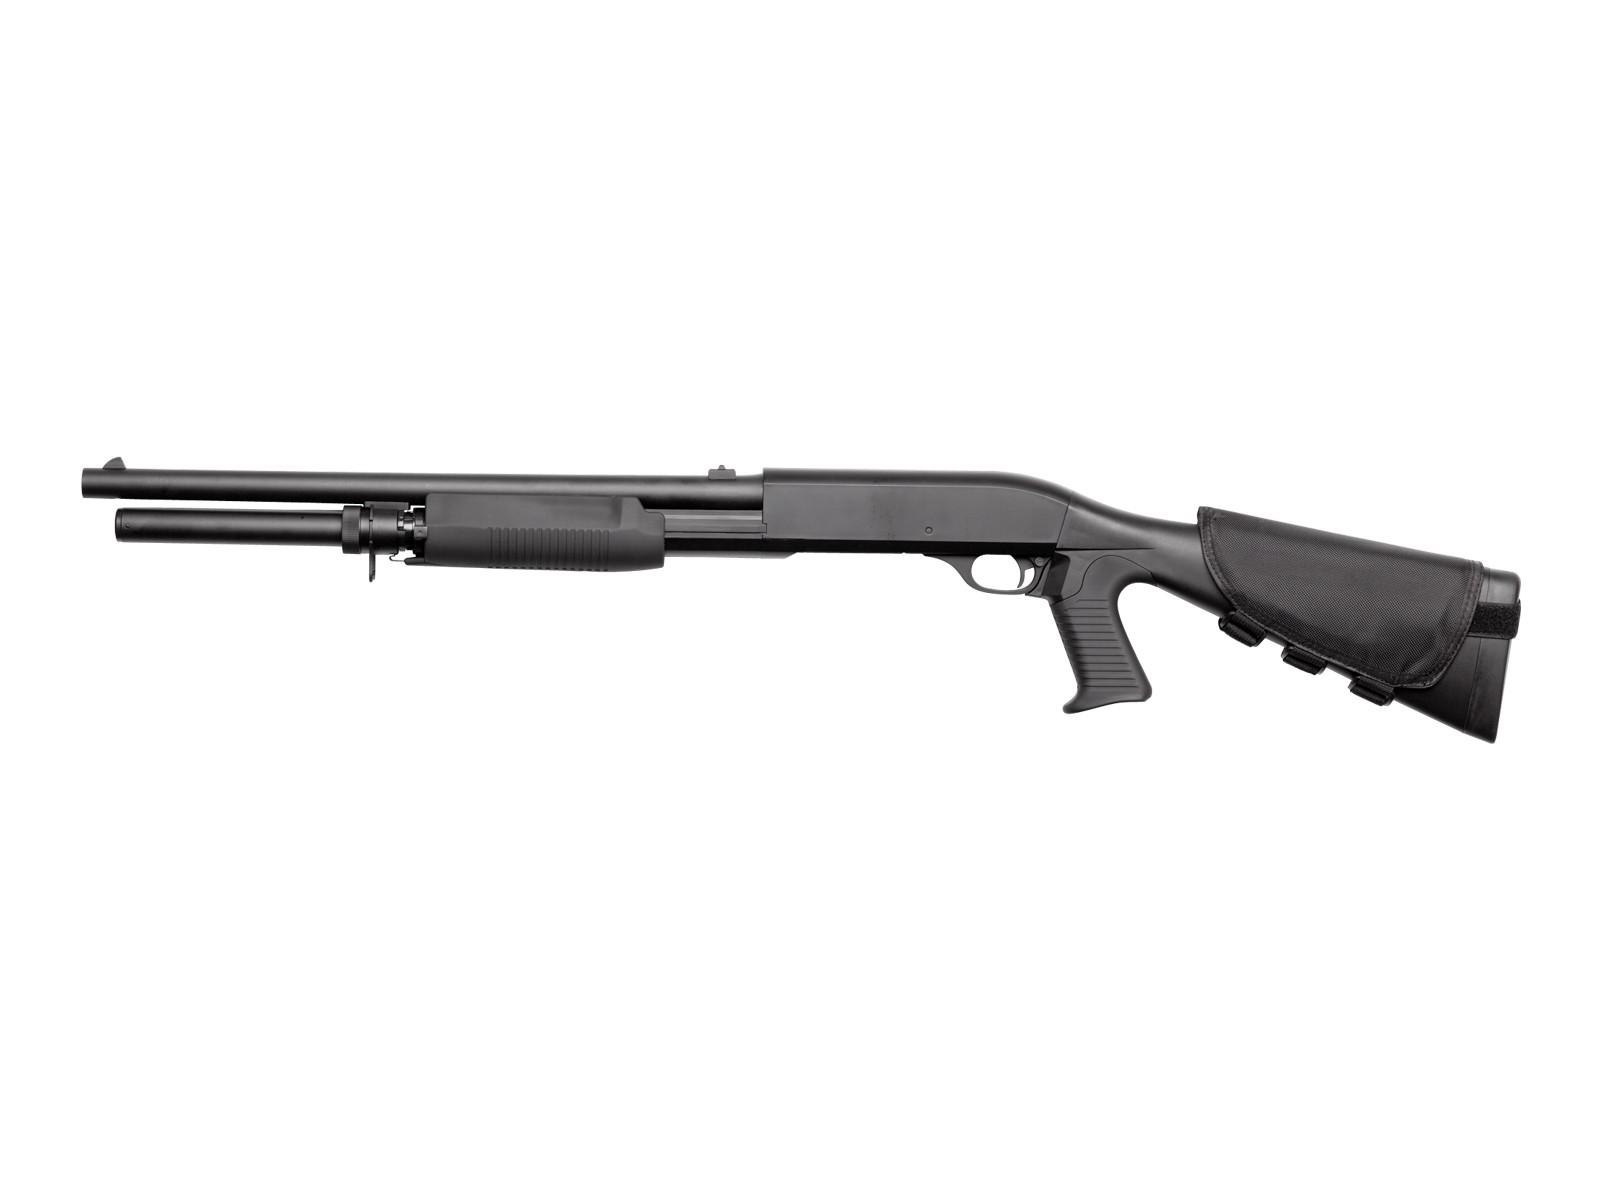 ASG - Fusil à pompe Franchi SAS 12 3-burst - Spring - Noir (1 joules)